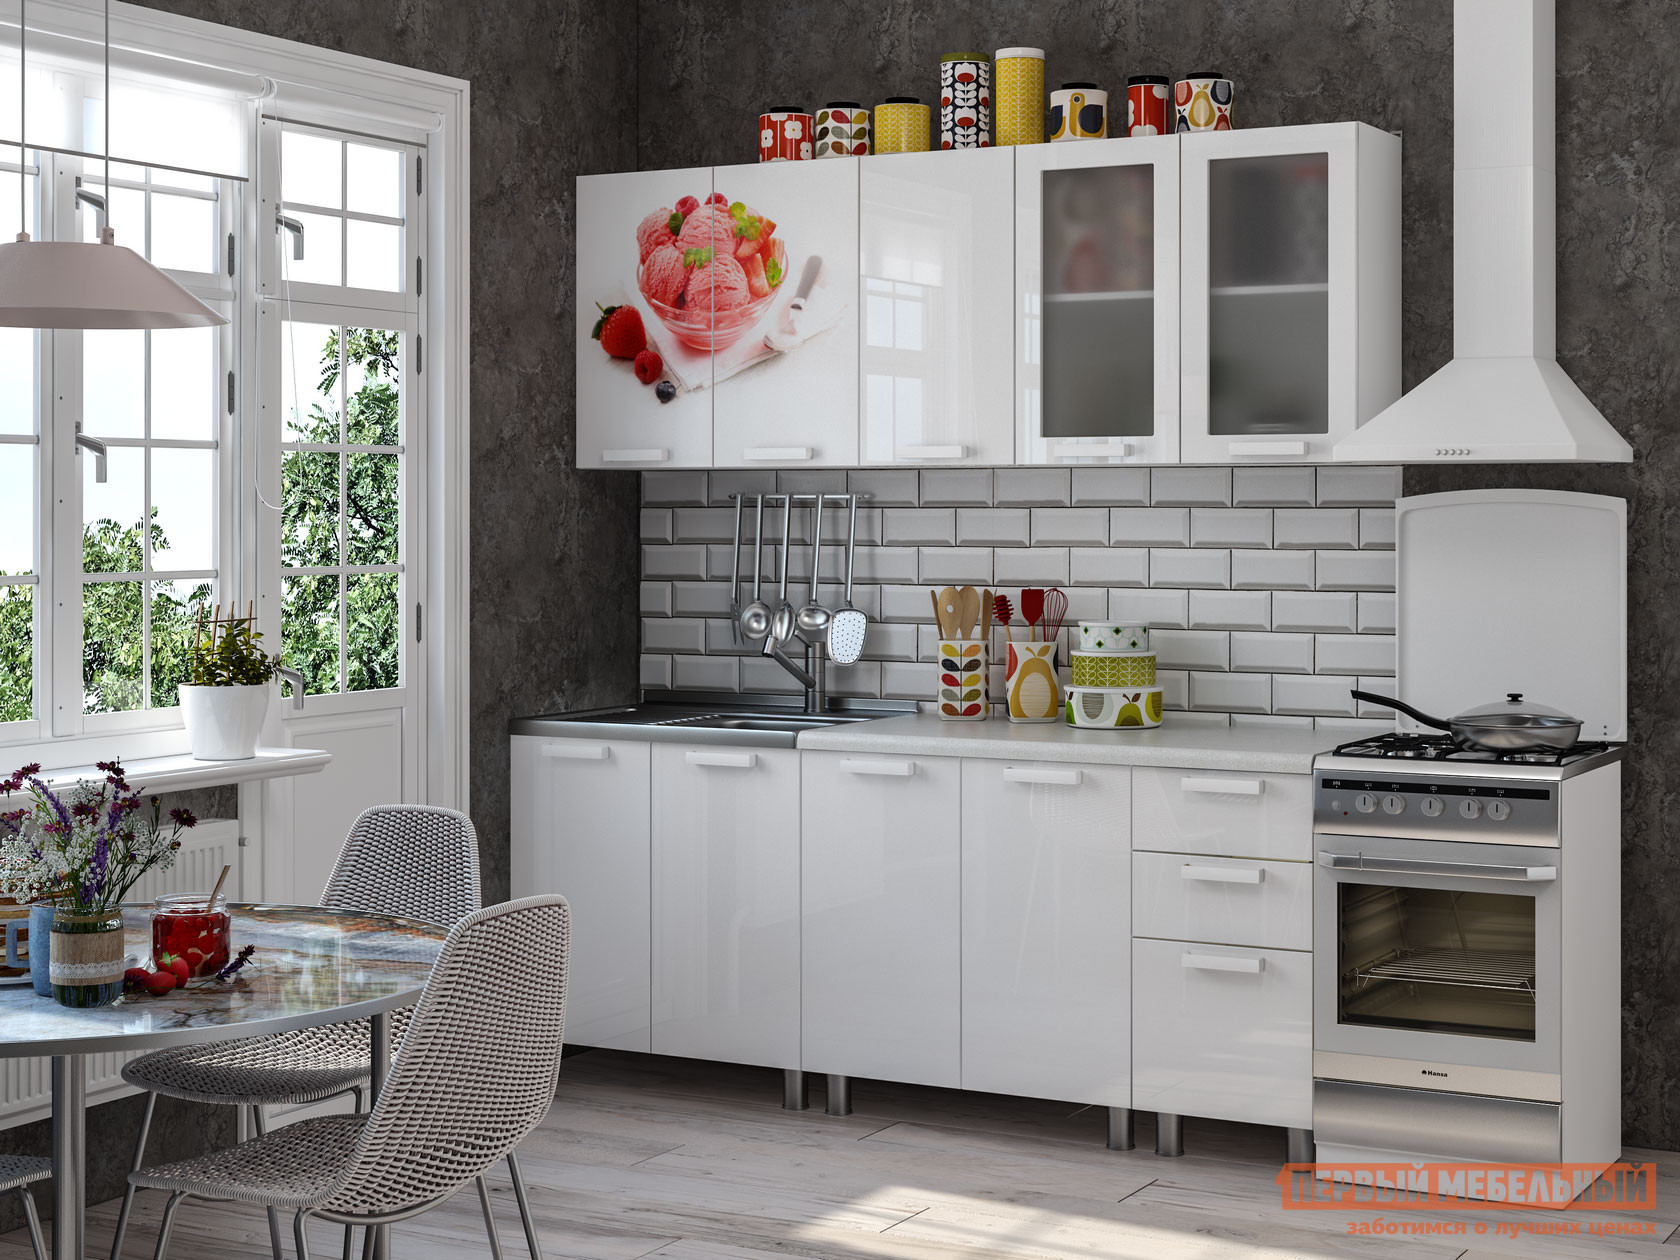 Кухонный гарнитур Первый Мебельный Айскрим